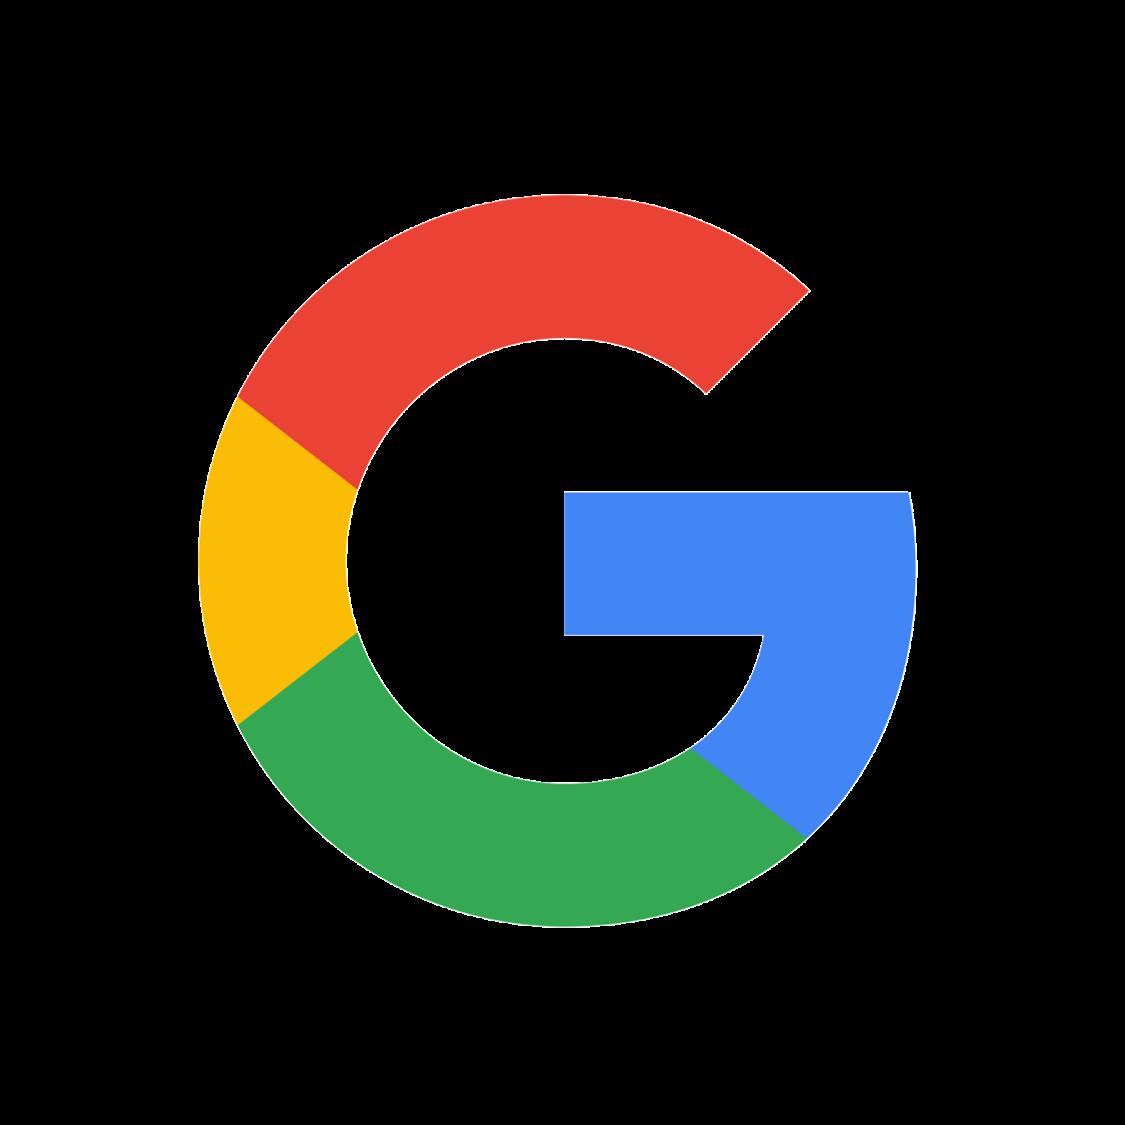 Mechanic clipart obeng. Google logo png images